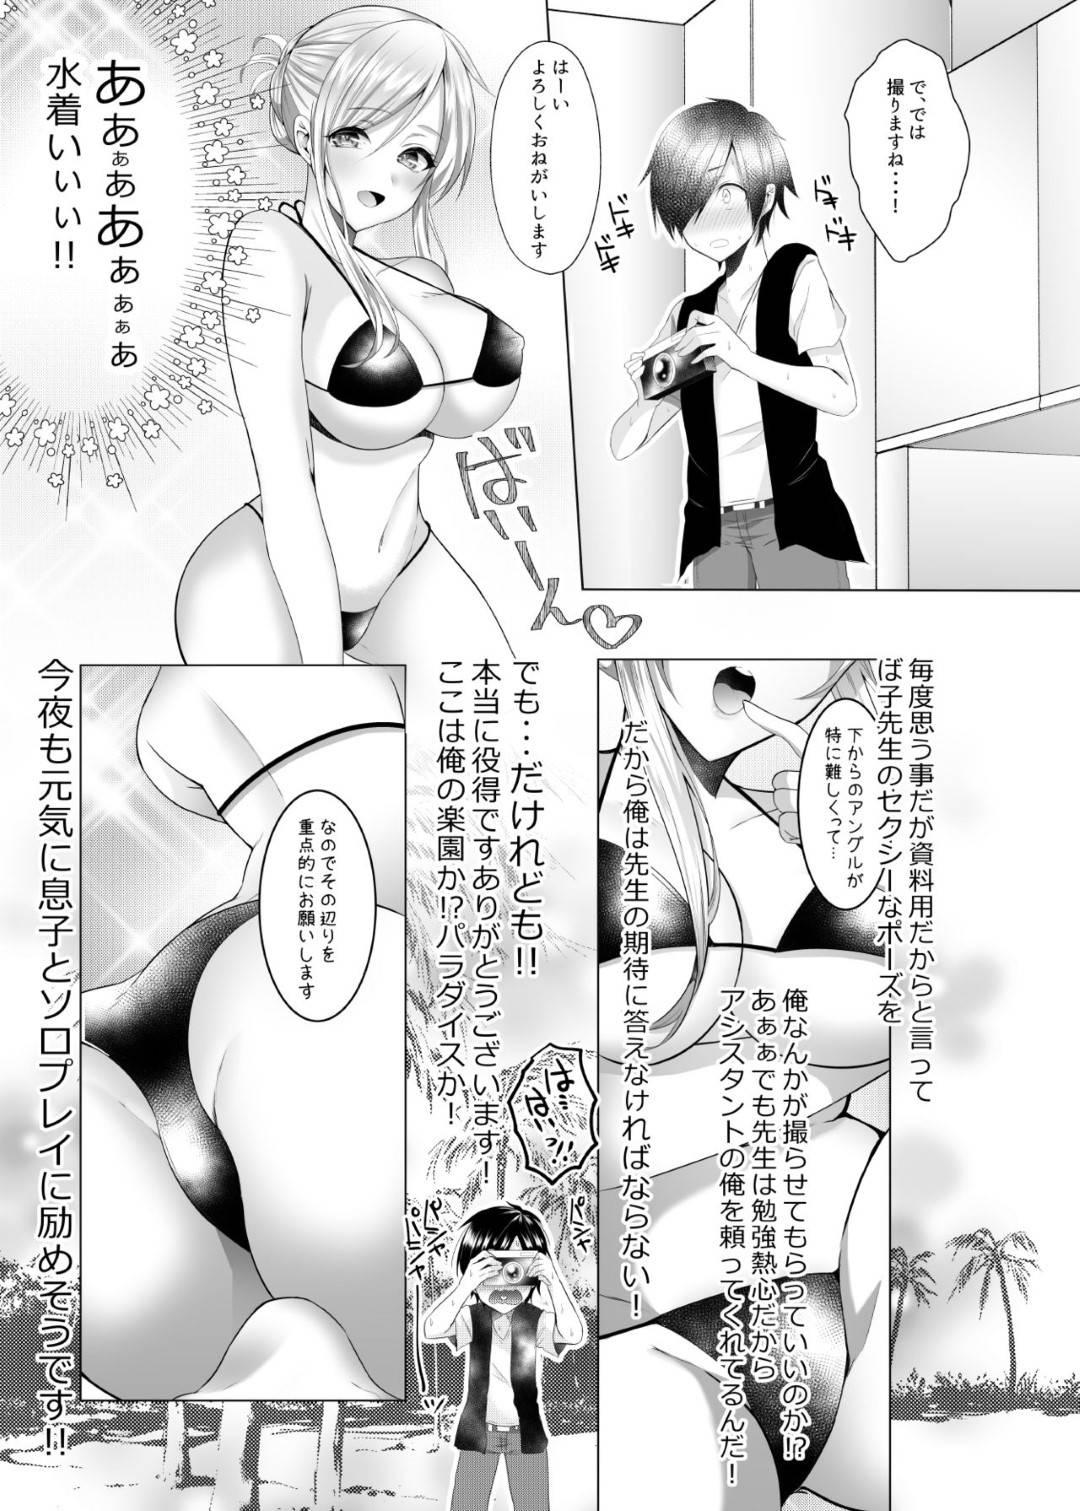 容姿からは考えれないほどエロい漫画を描く巨乳漫画家…アシスタントの男子の服の匂いを嗅ぎながらオナニーしているのばバレ、誘っていちゃラブ生ハメ連続中出しセックスする!【藍沢ちひろ:ば子先生とアシスタントくん】